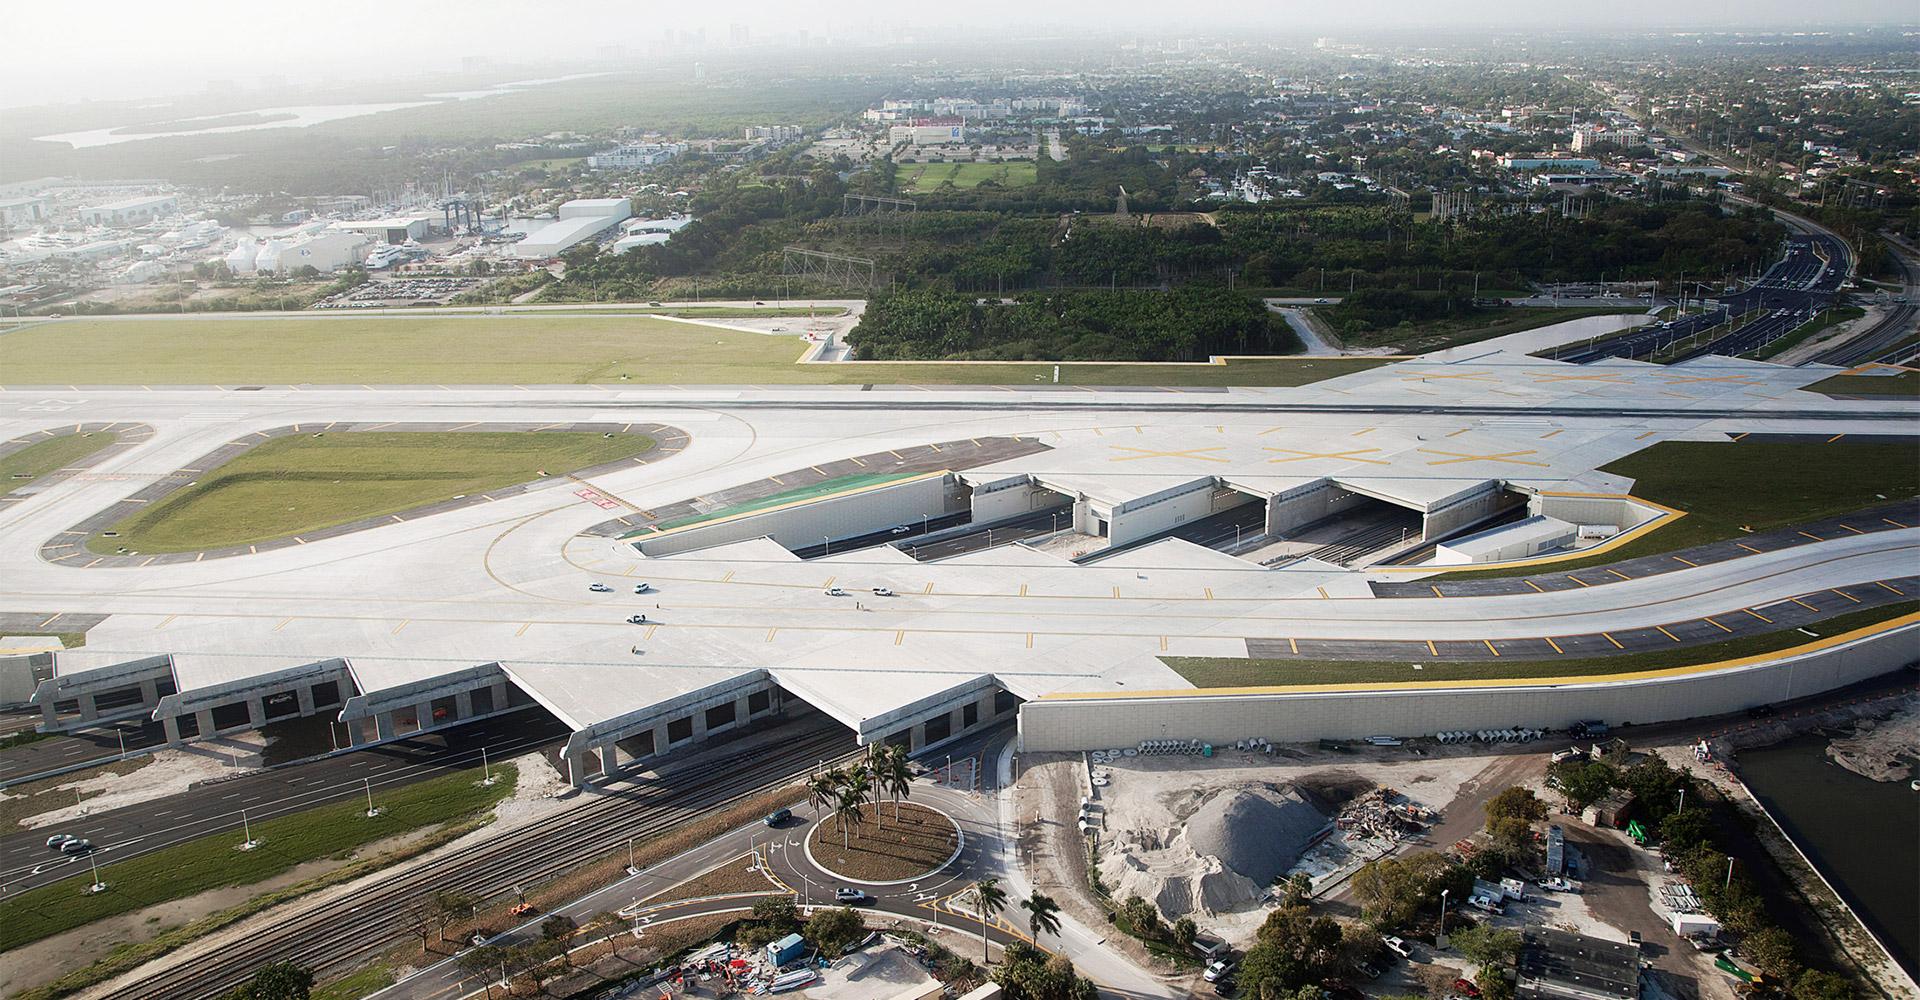 Runway at Fort Lauderdale International Airport.